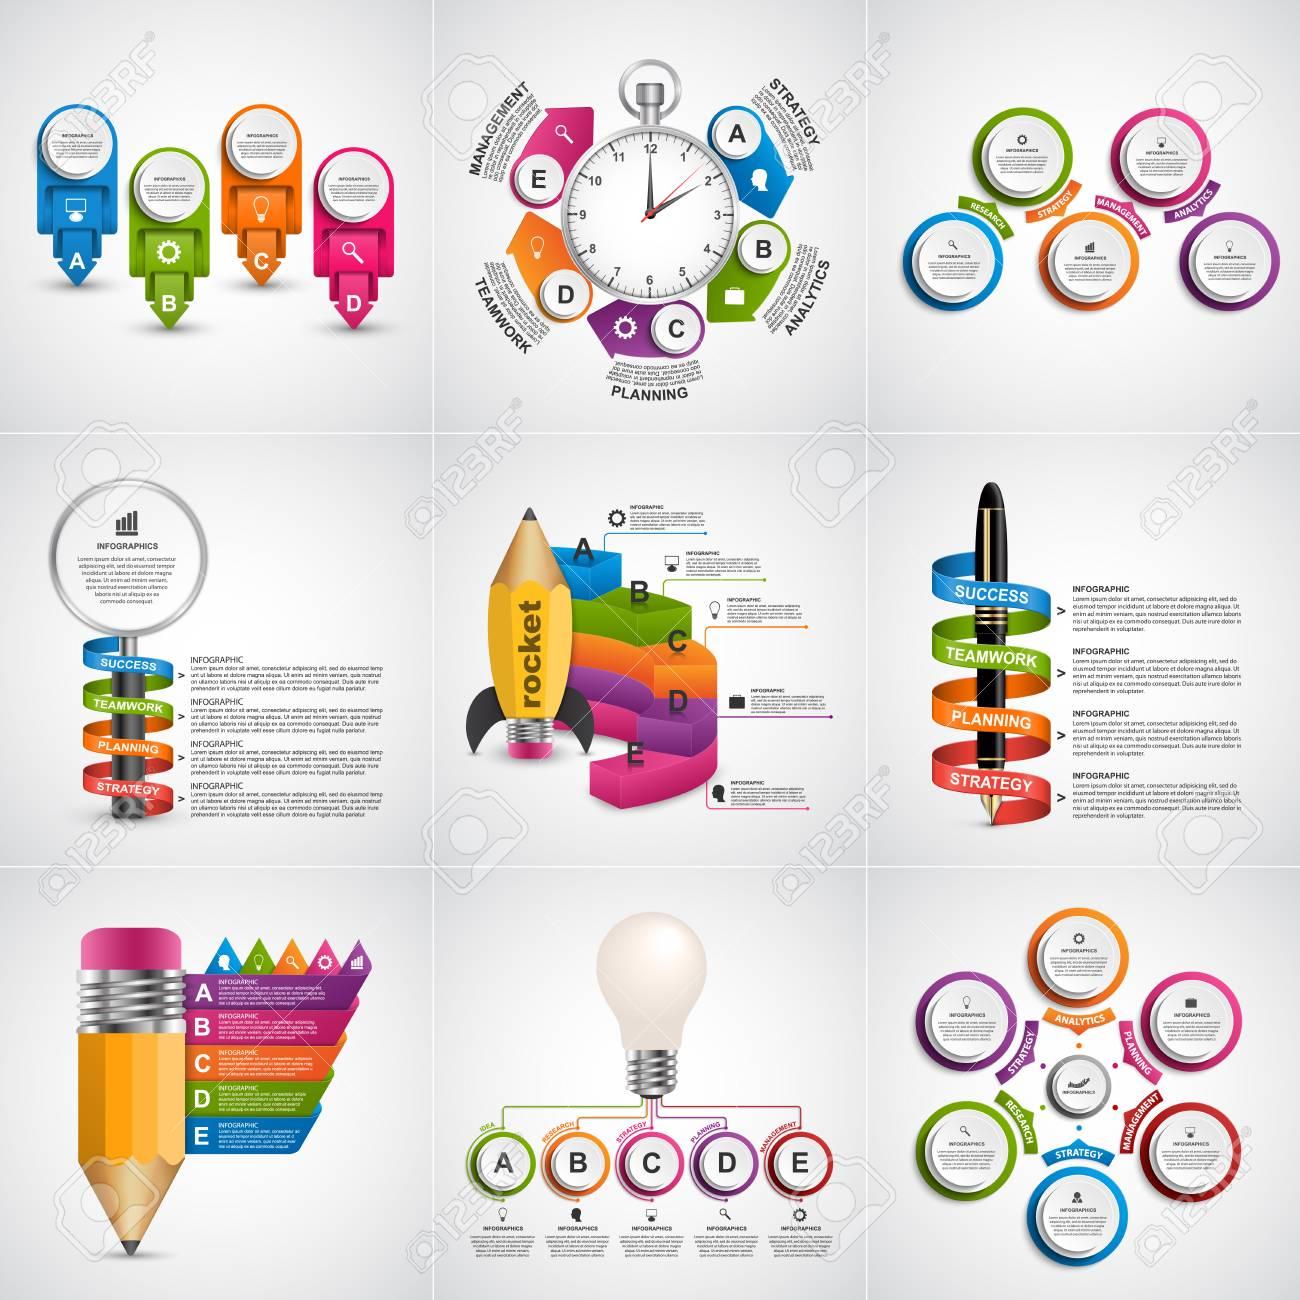 851254ea39557 Foto de archivo - Gran colección de infografía de colores. Elementos de  diseño. Infografía para presentaciones de negocios o titular de información.